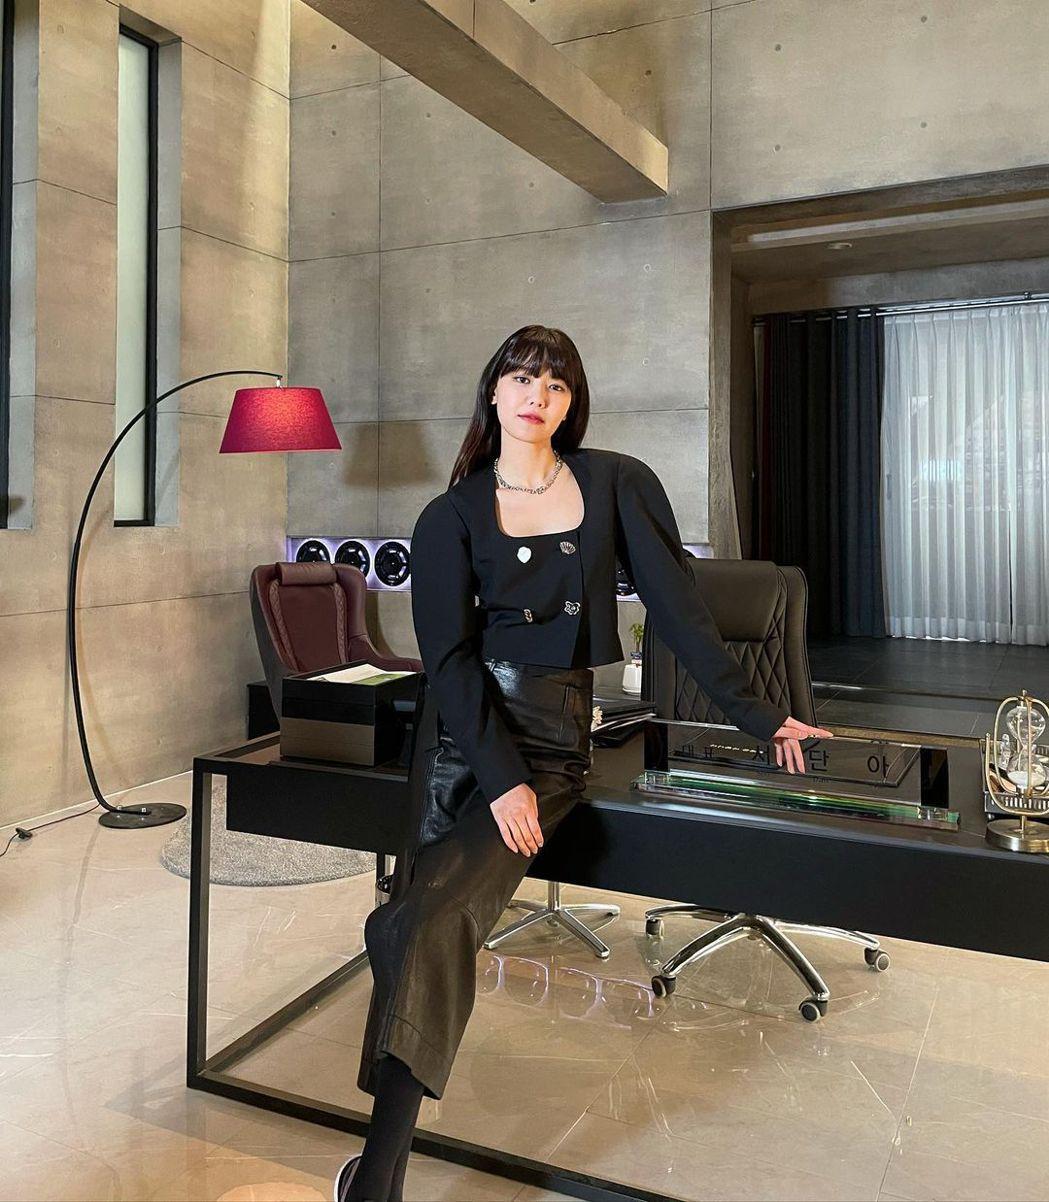 秀英在「Run on」中飾演體育經紀公司代表「徐丹雅」。圖/擷自IG